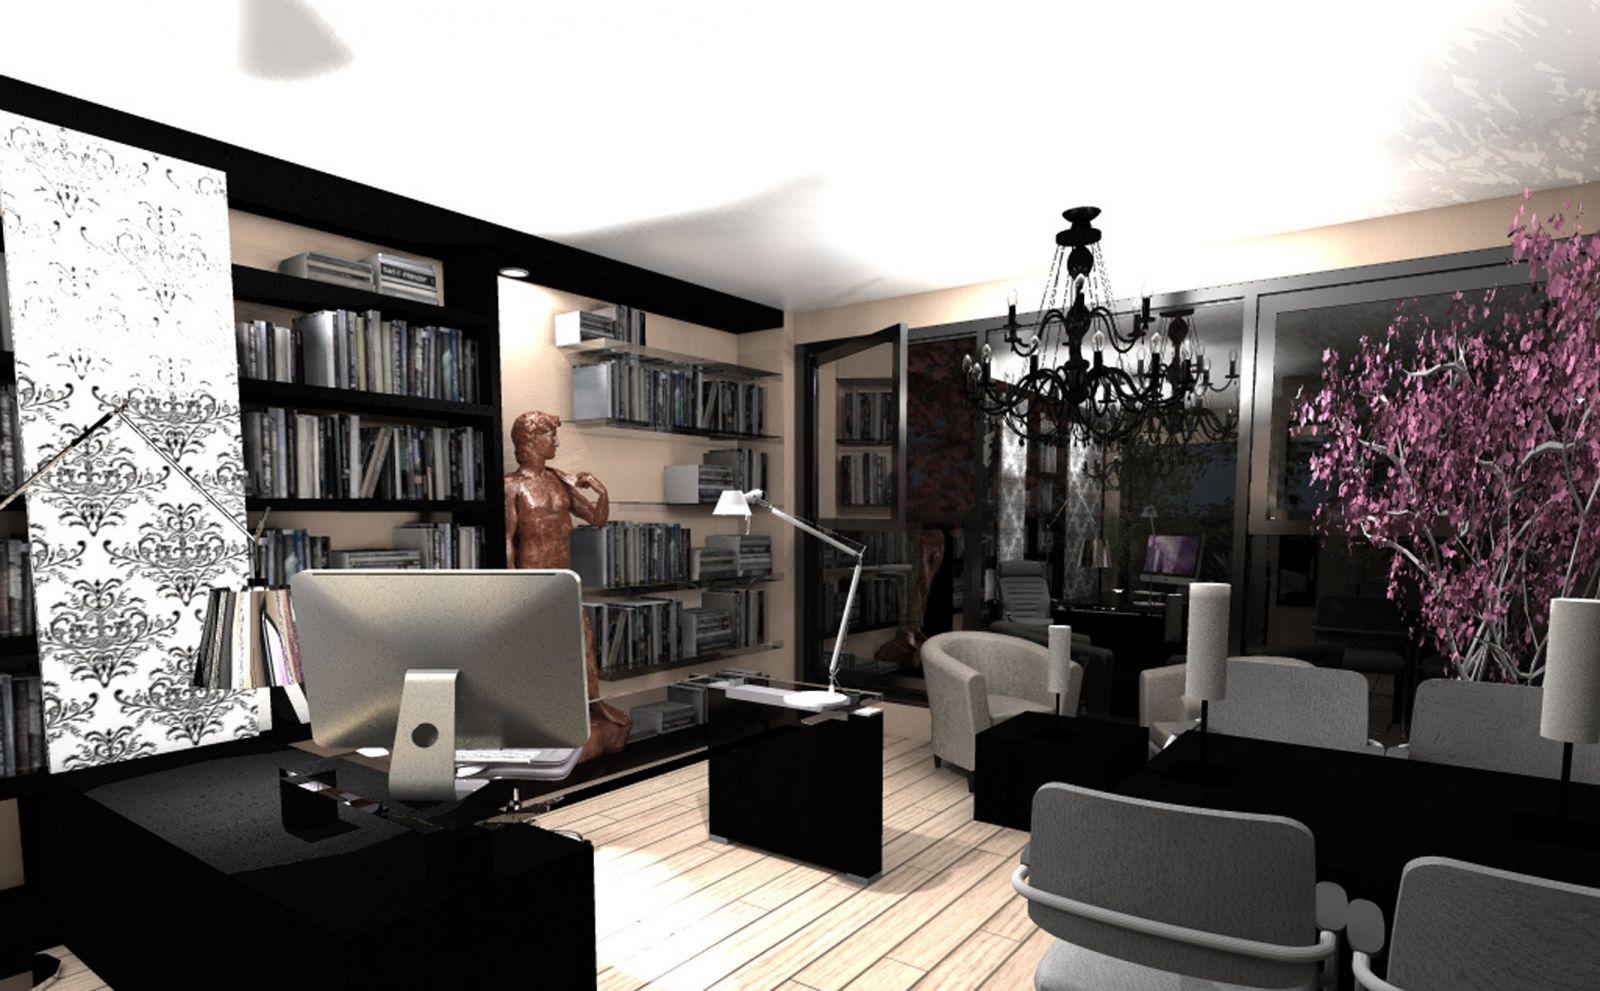 consejos-para-decorar-tu-despacho-juridico-fotos-ideas-y-consejos-3